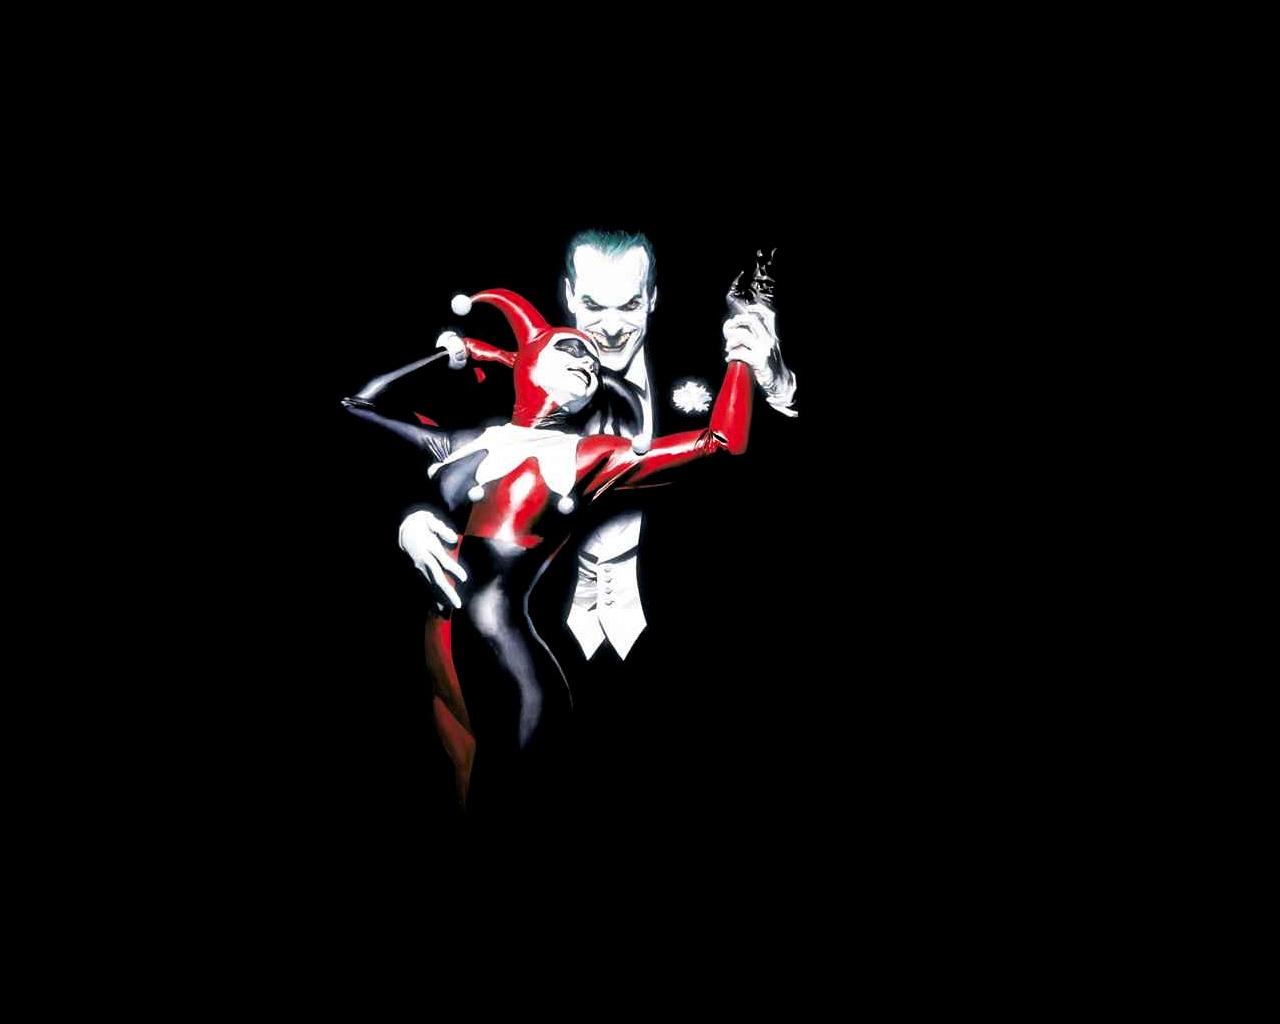 The Joker And Harley Quinn Wallpaper